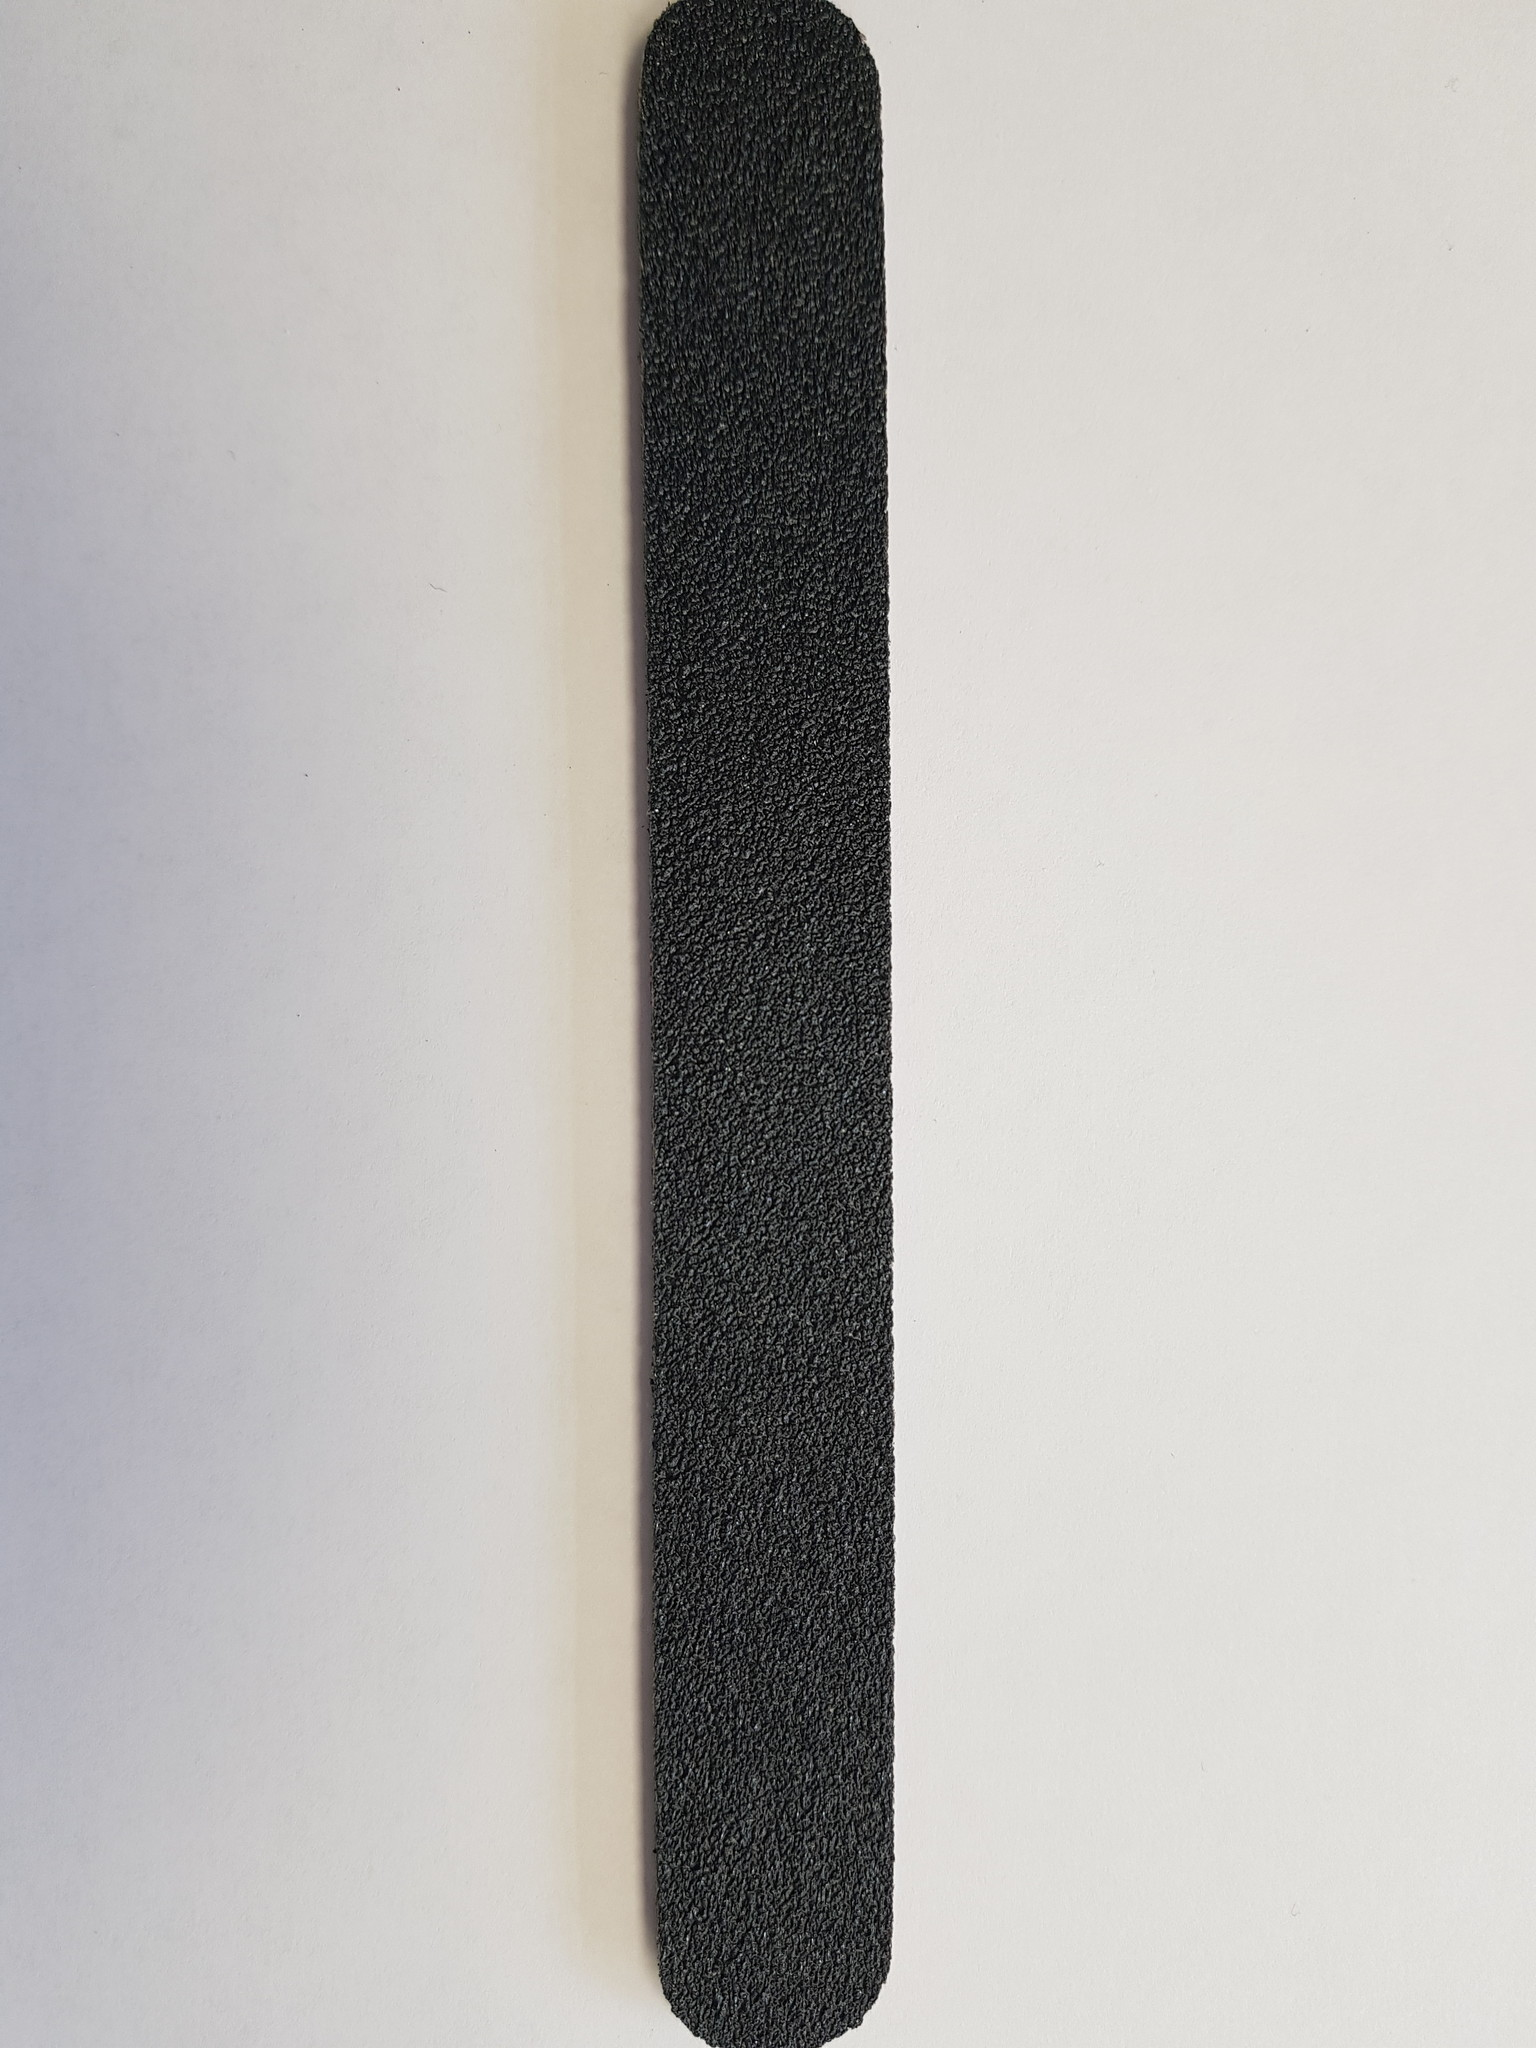 Black Nail File 100/100 10pk